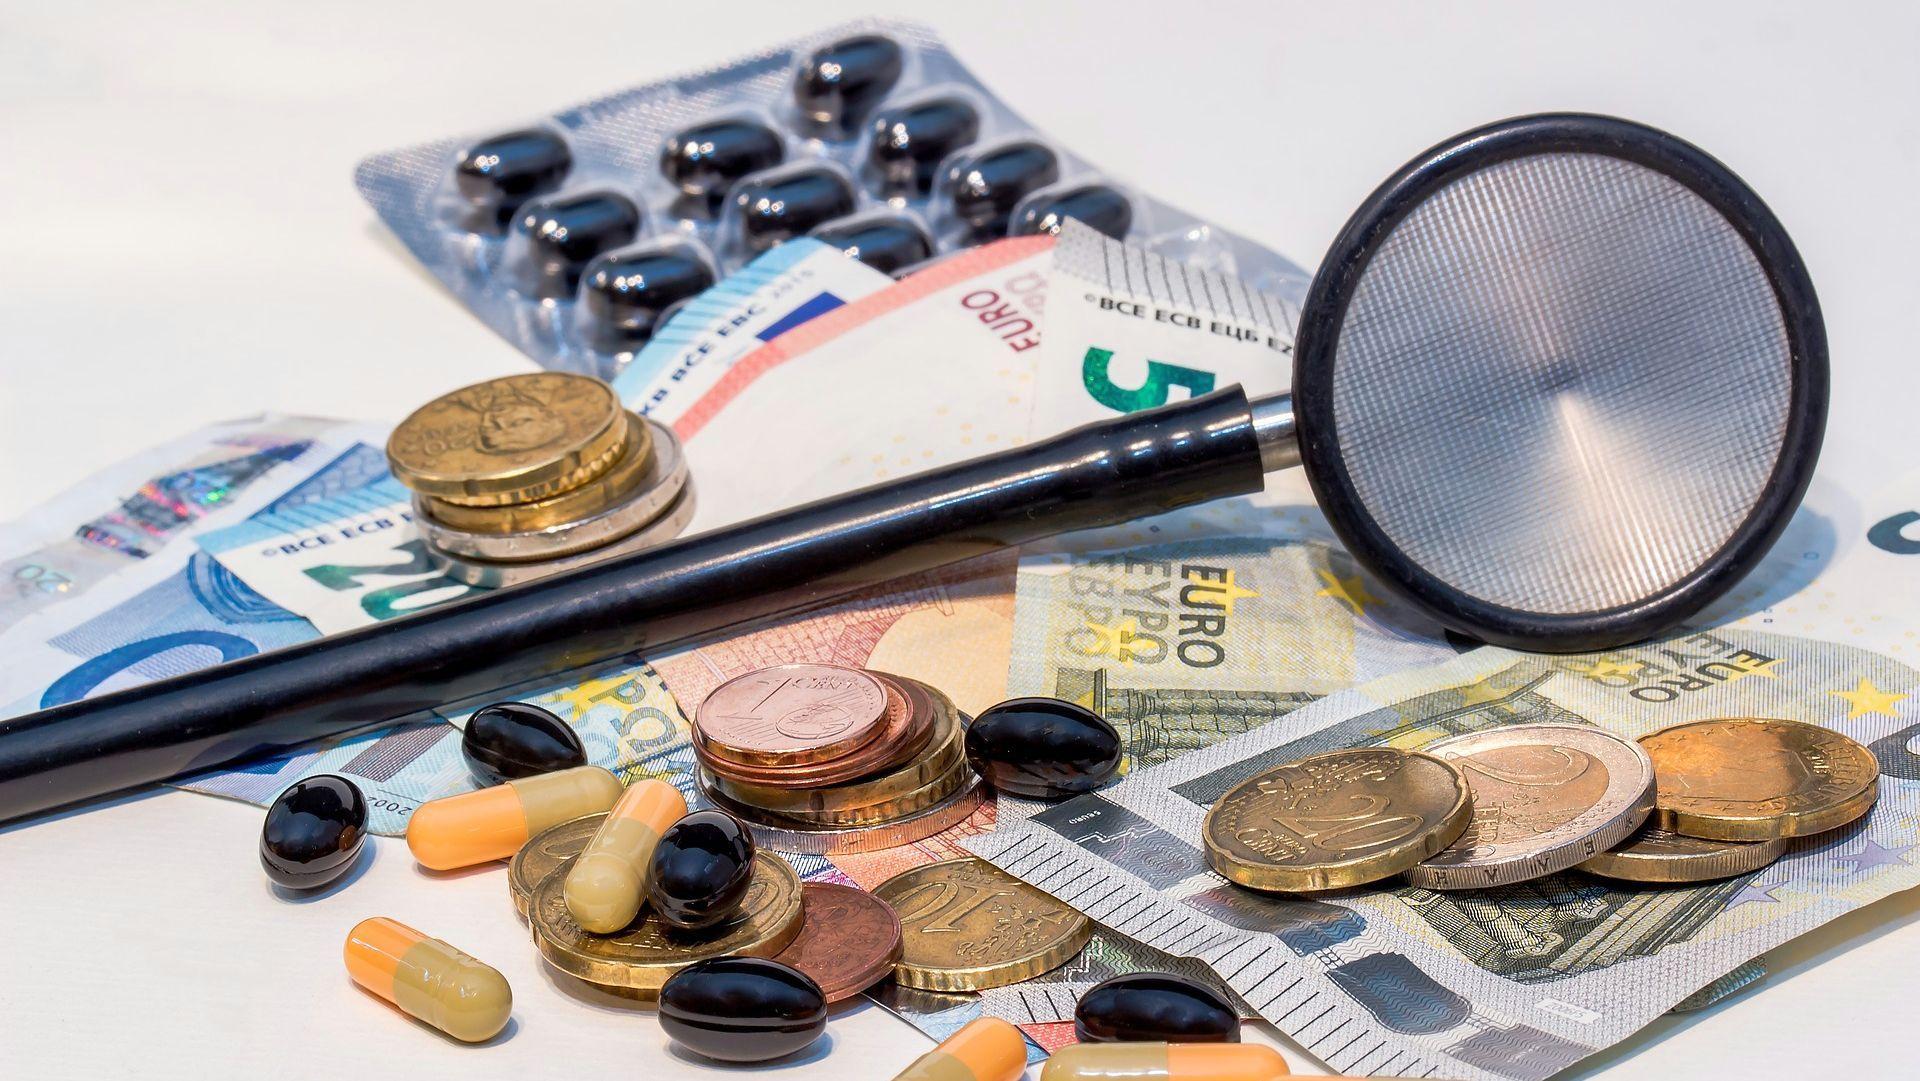 In de VS functioneren zo'n 1.000 Accountable Care Organizations. Ze worden betaald via populatie gebonden budgetten en financiële prikkels voor geleverde kwaliteit.